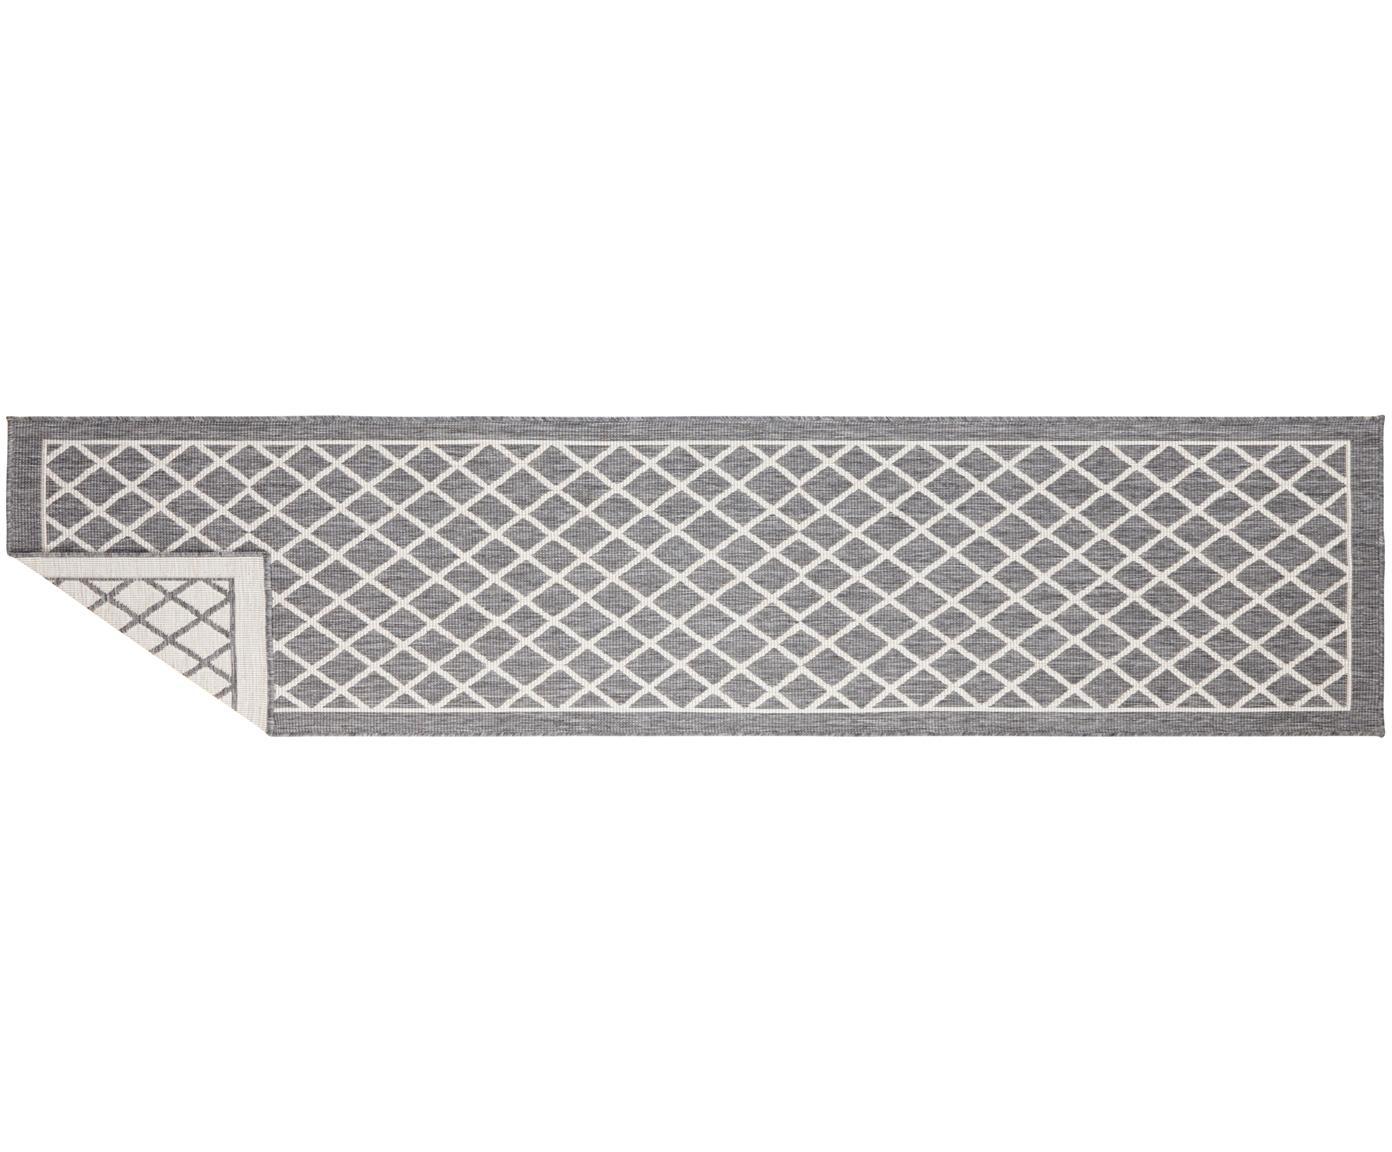 In- und Outdoor-Wendeläufer Sydney in Grau/Creme, Grau, Creme, 80 x 350 cm